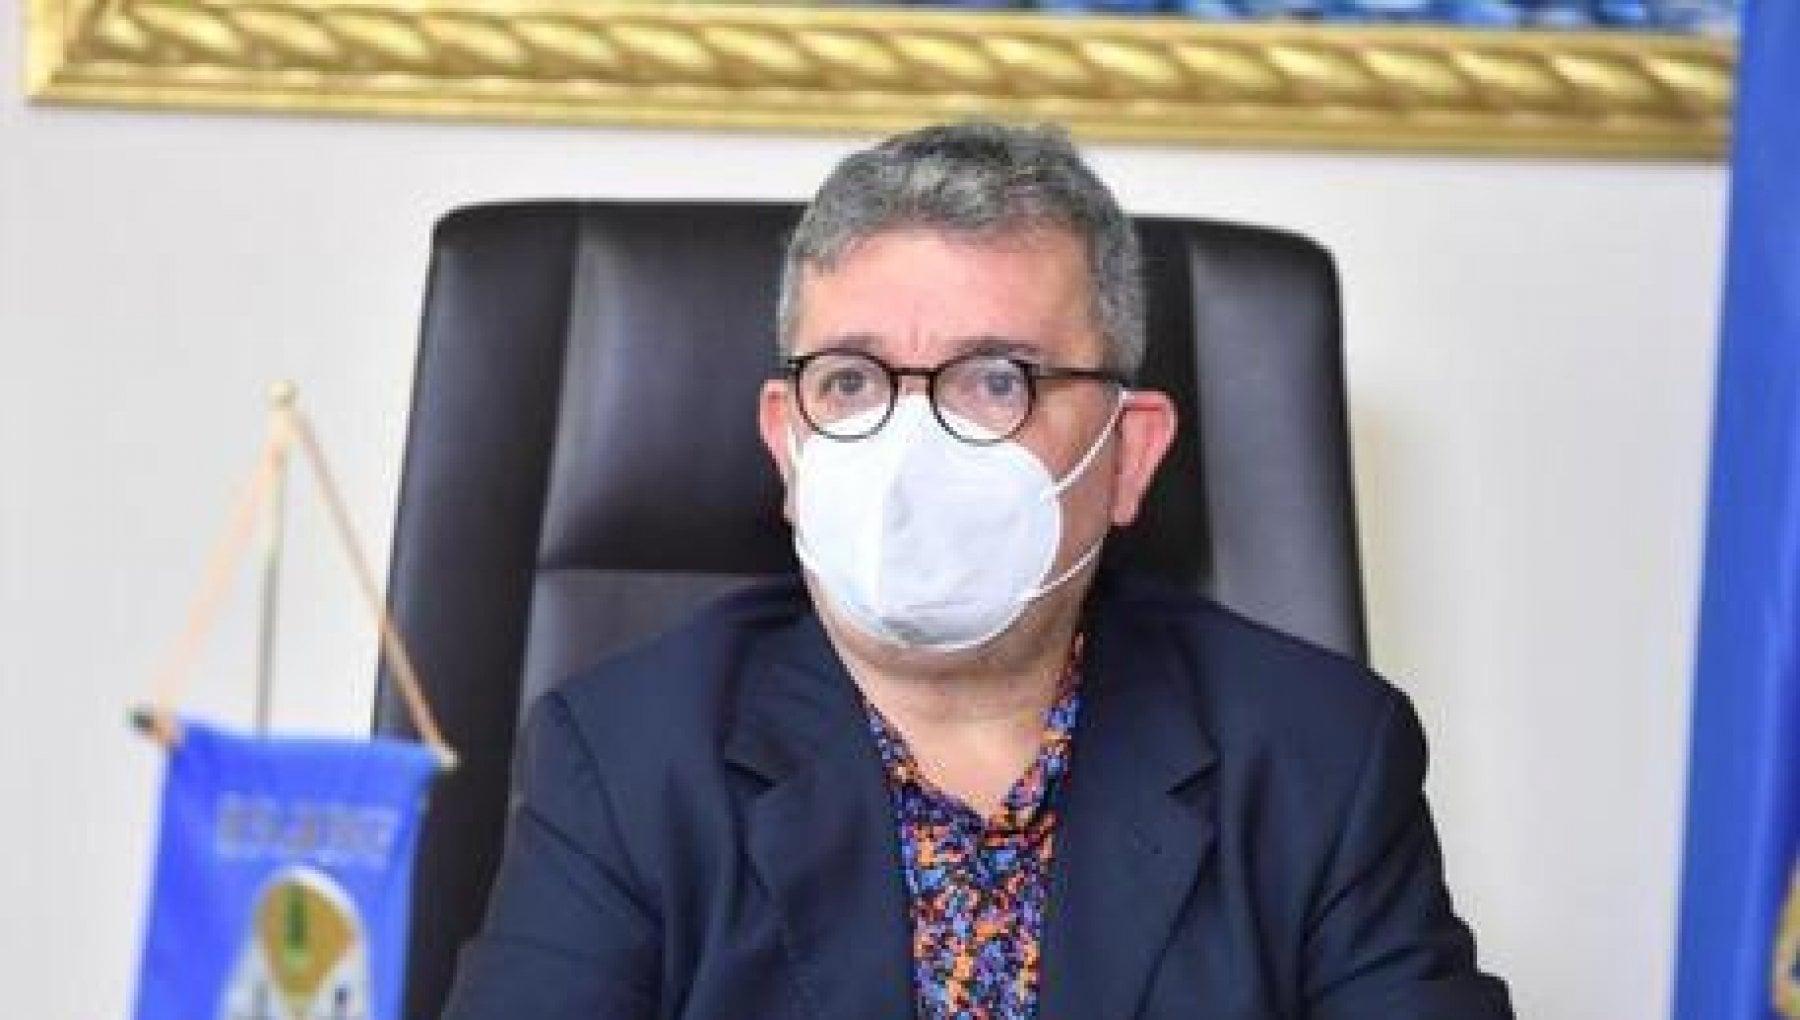 Calabria Spirli spinge per il rinvio delle elezioni regionali. Maggioranza in rivolta Non puo decidere tutto da solo